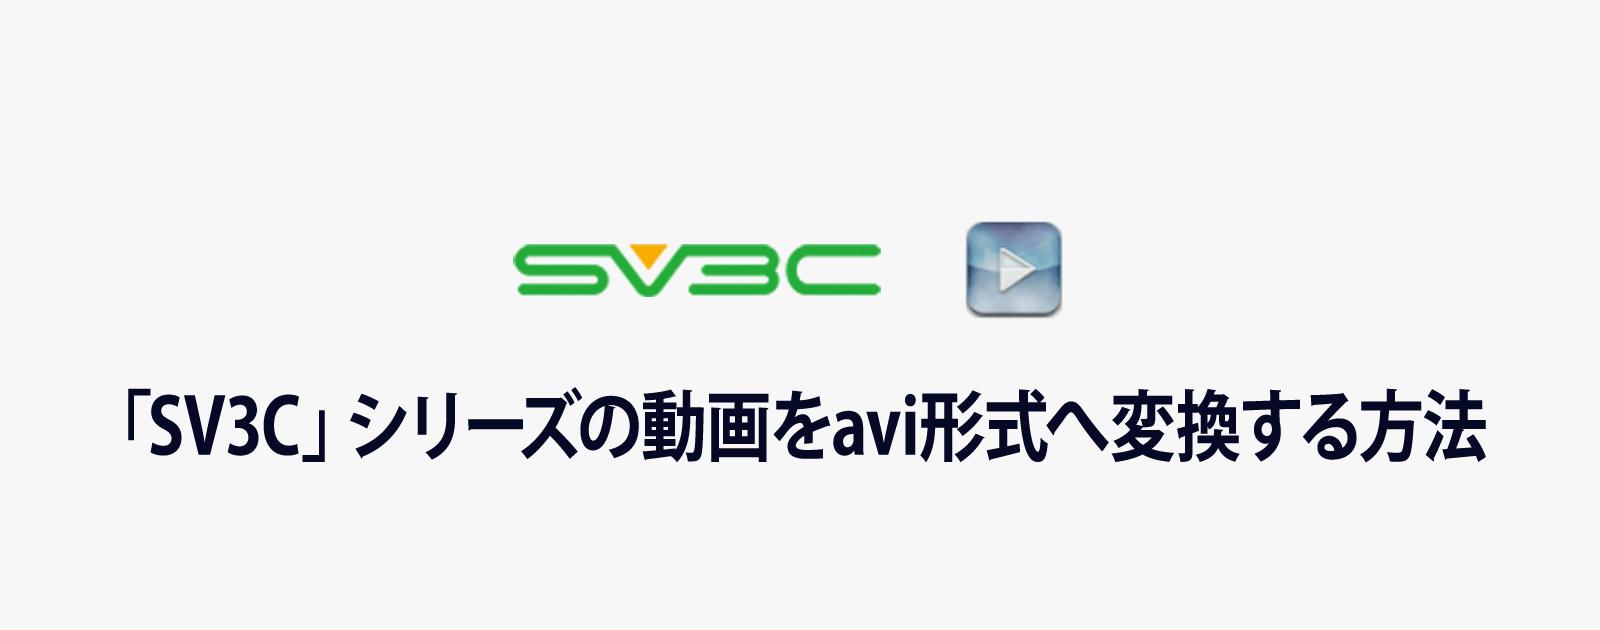 アマゾンで人気の防犯カメラ「SV3C」の設定方法を解説